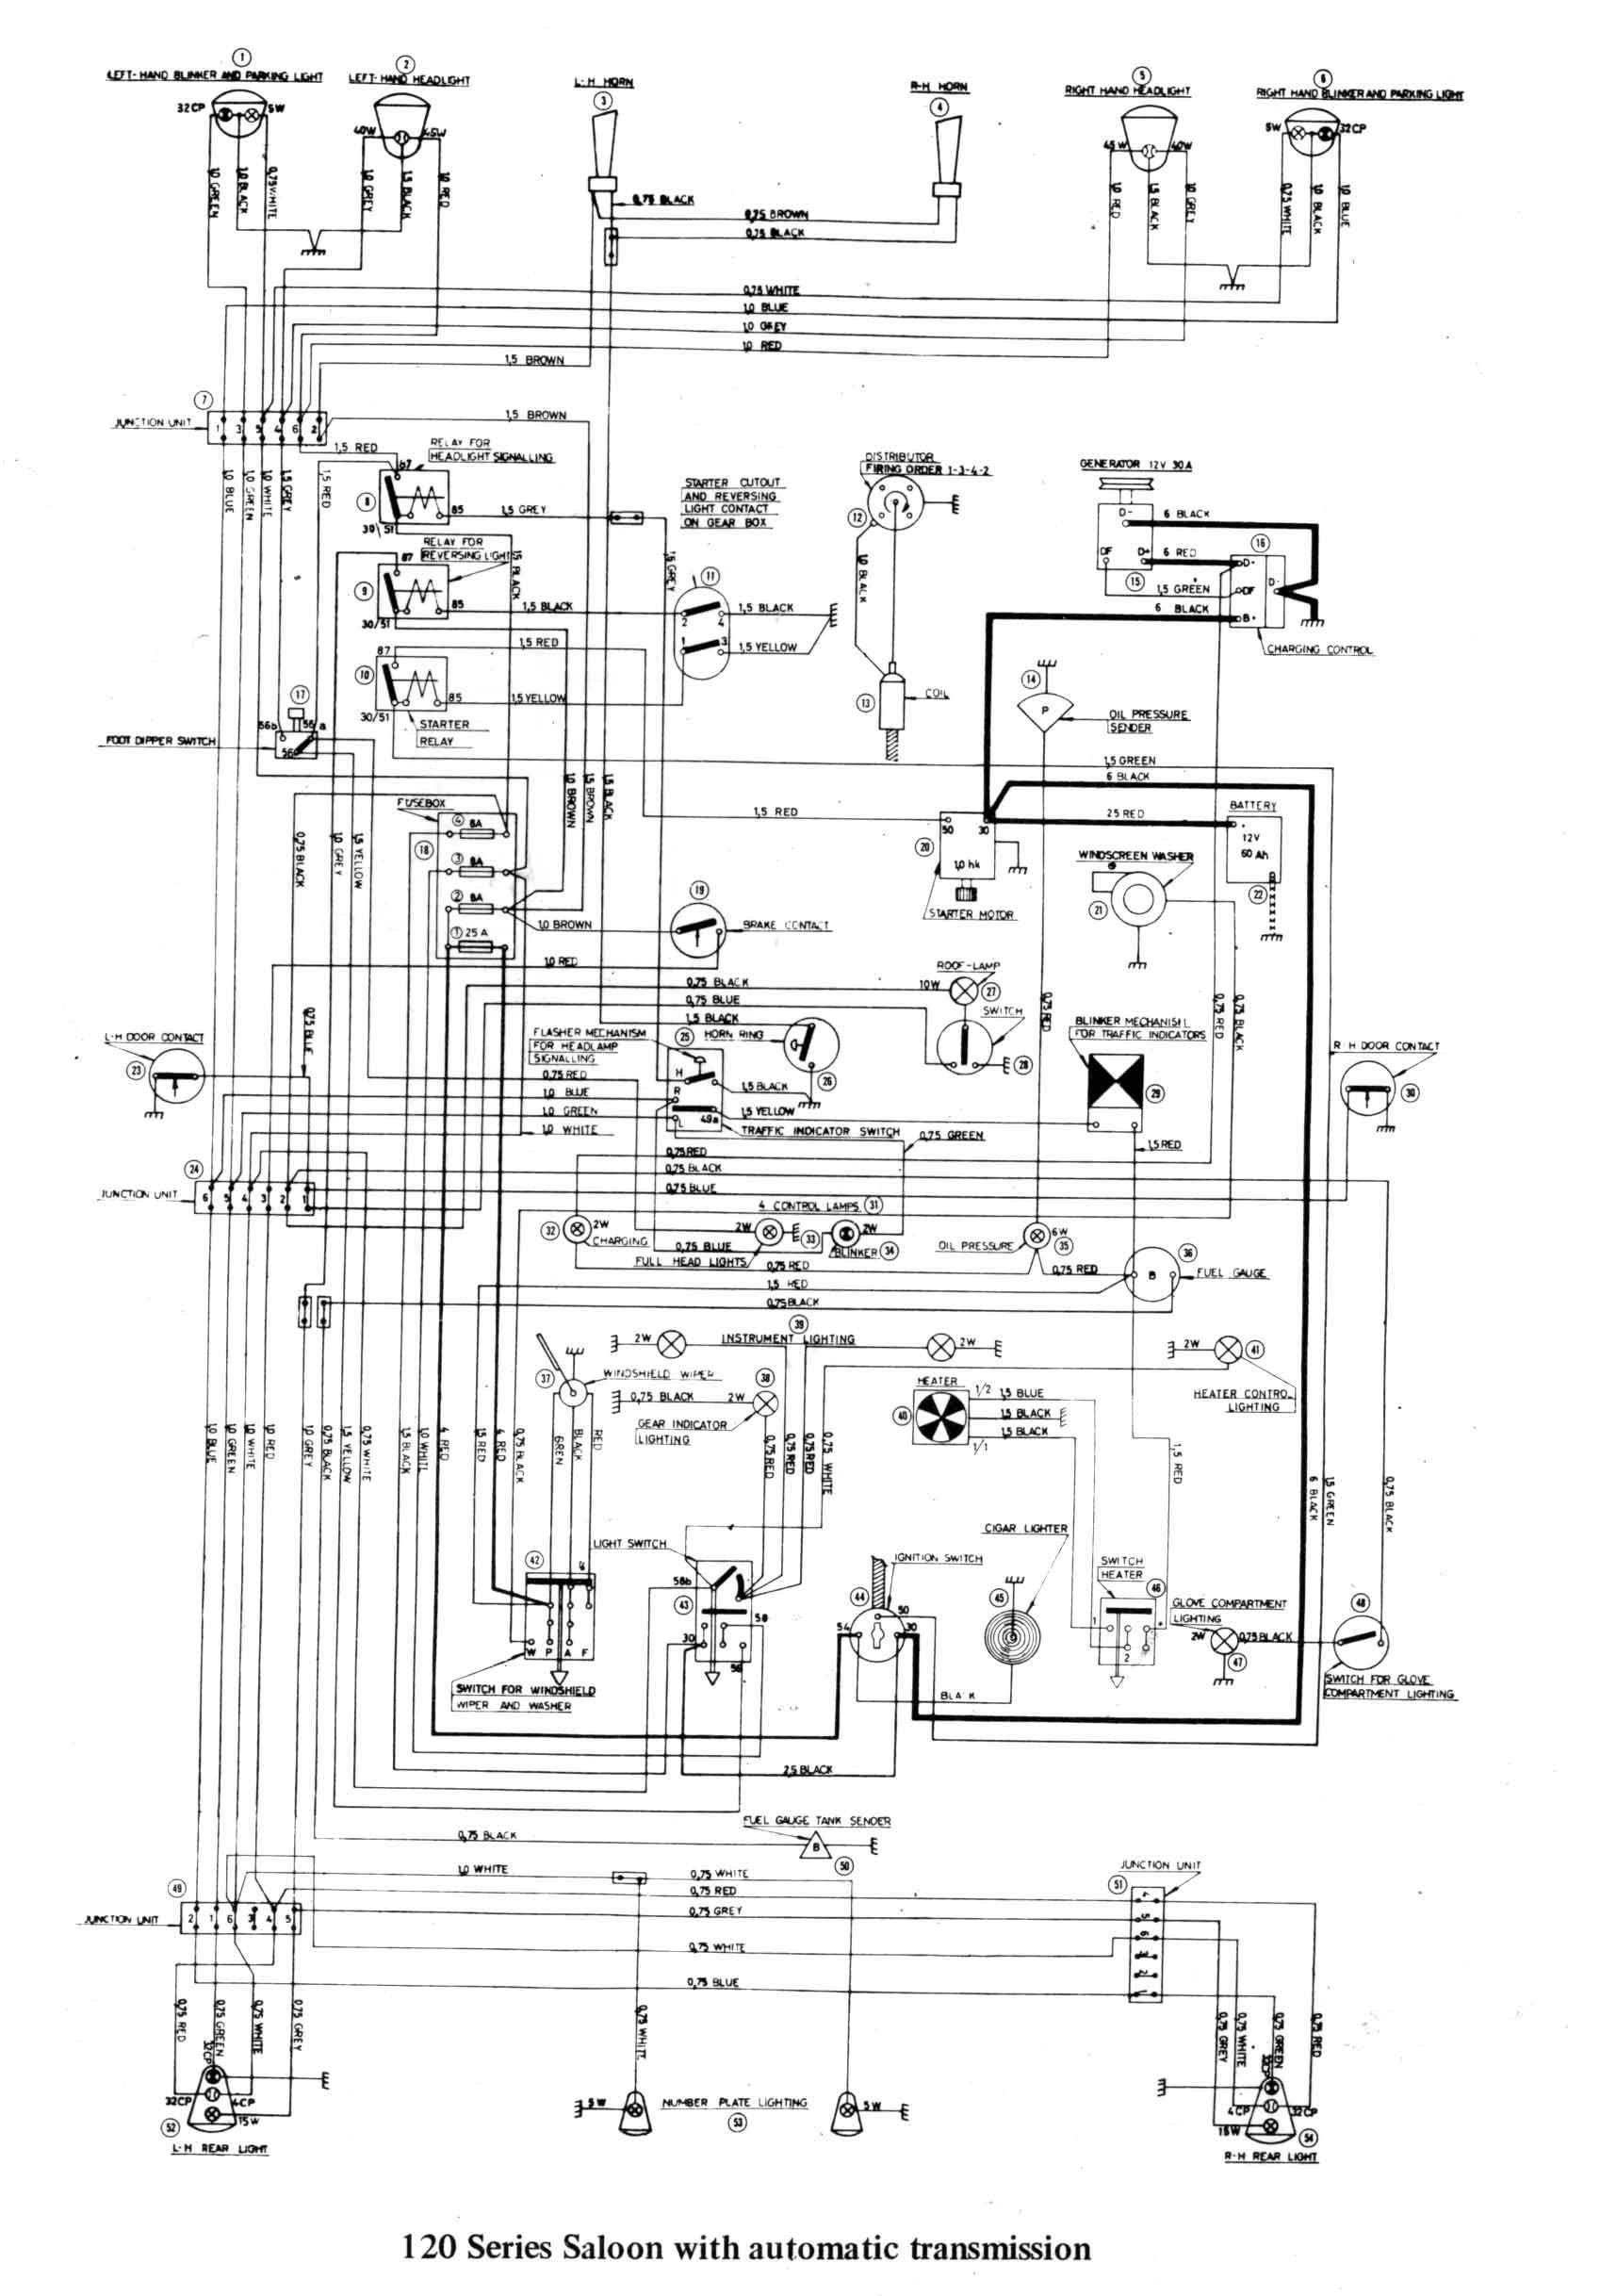 Starter Generator Wiring Diagram Golf Cart Luxury Starter Generator Wiring Diagram Club Car New Wiring Diagrams for